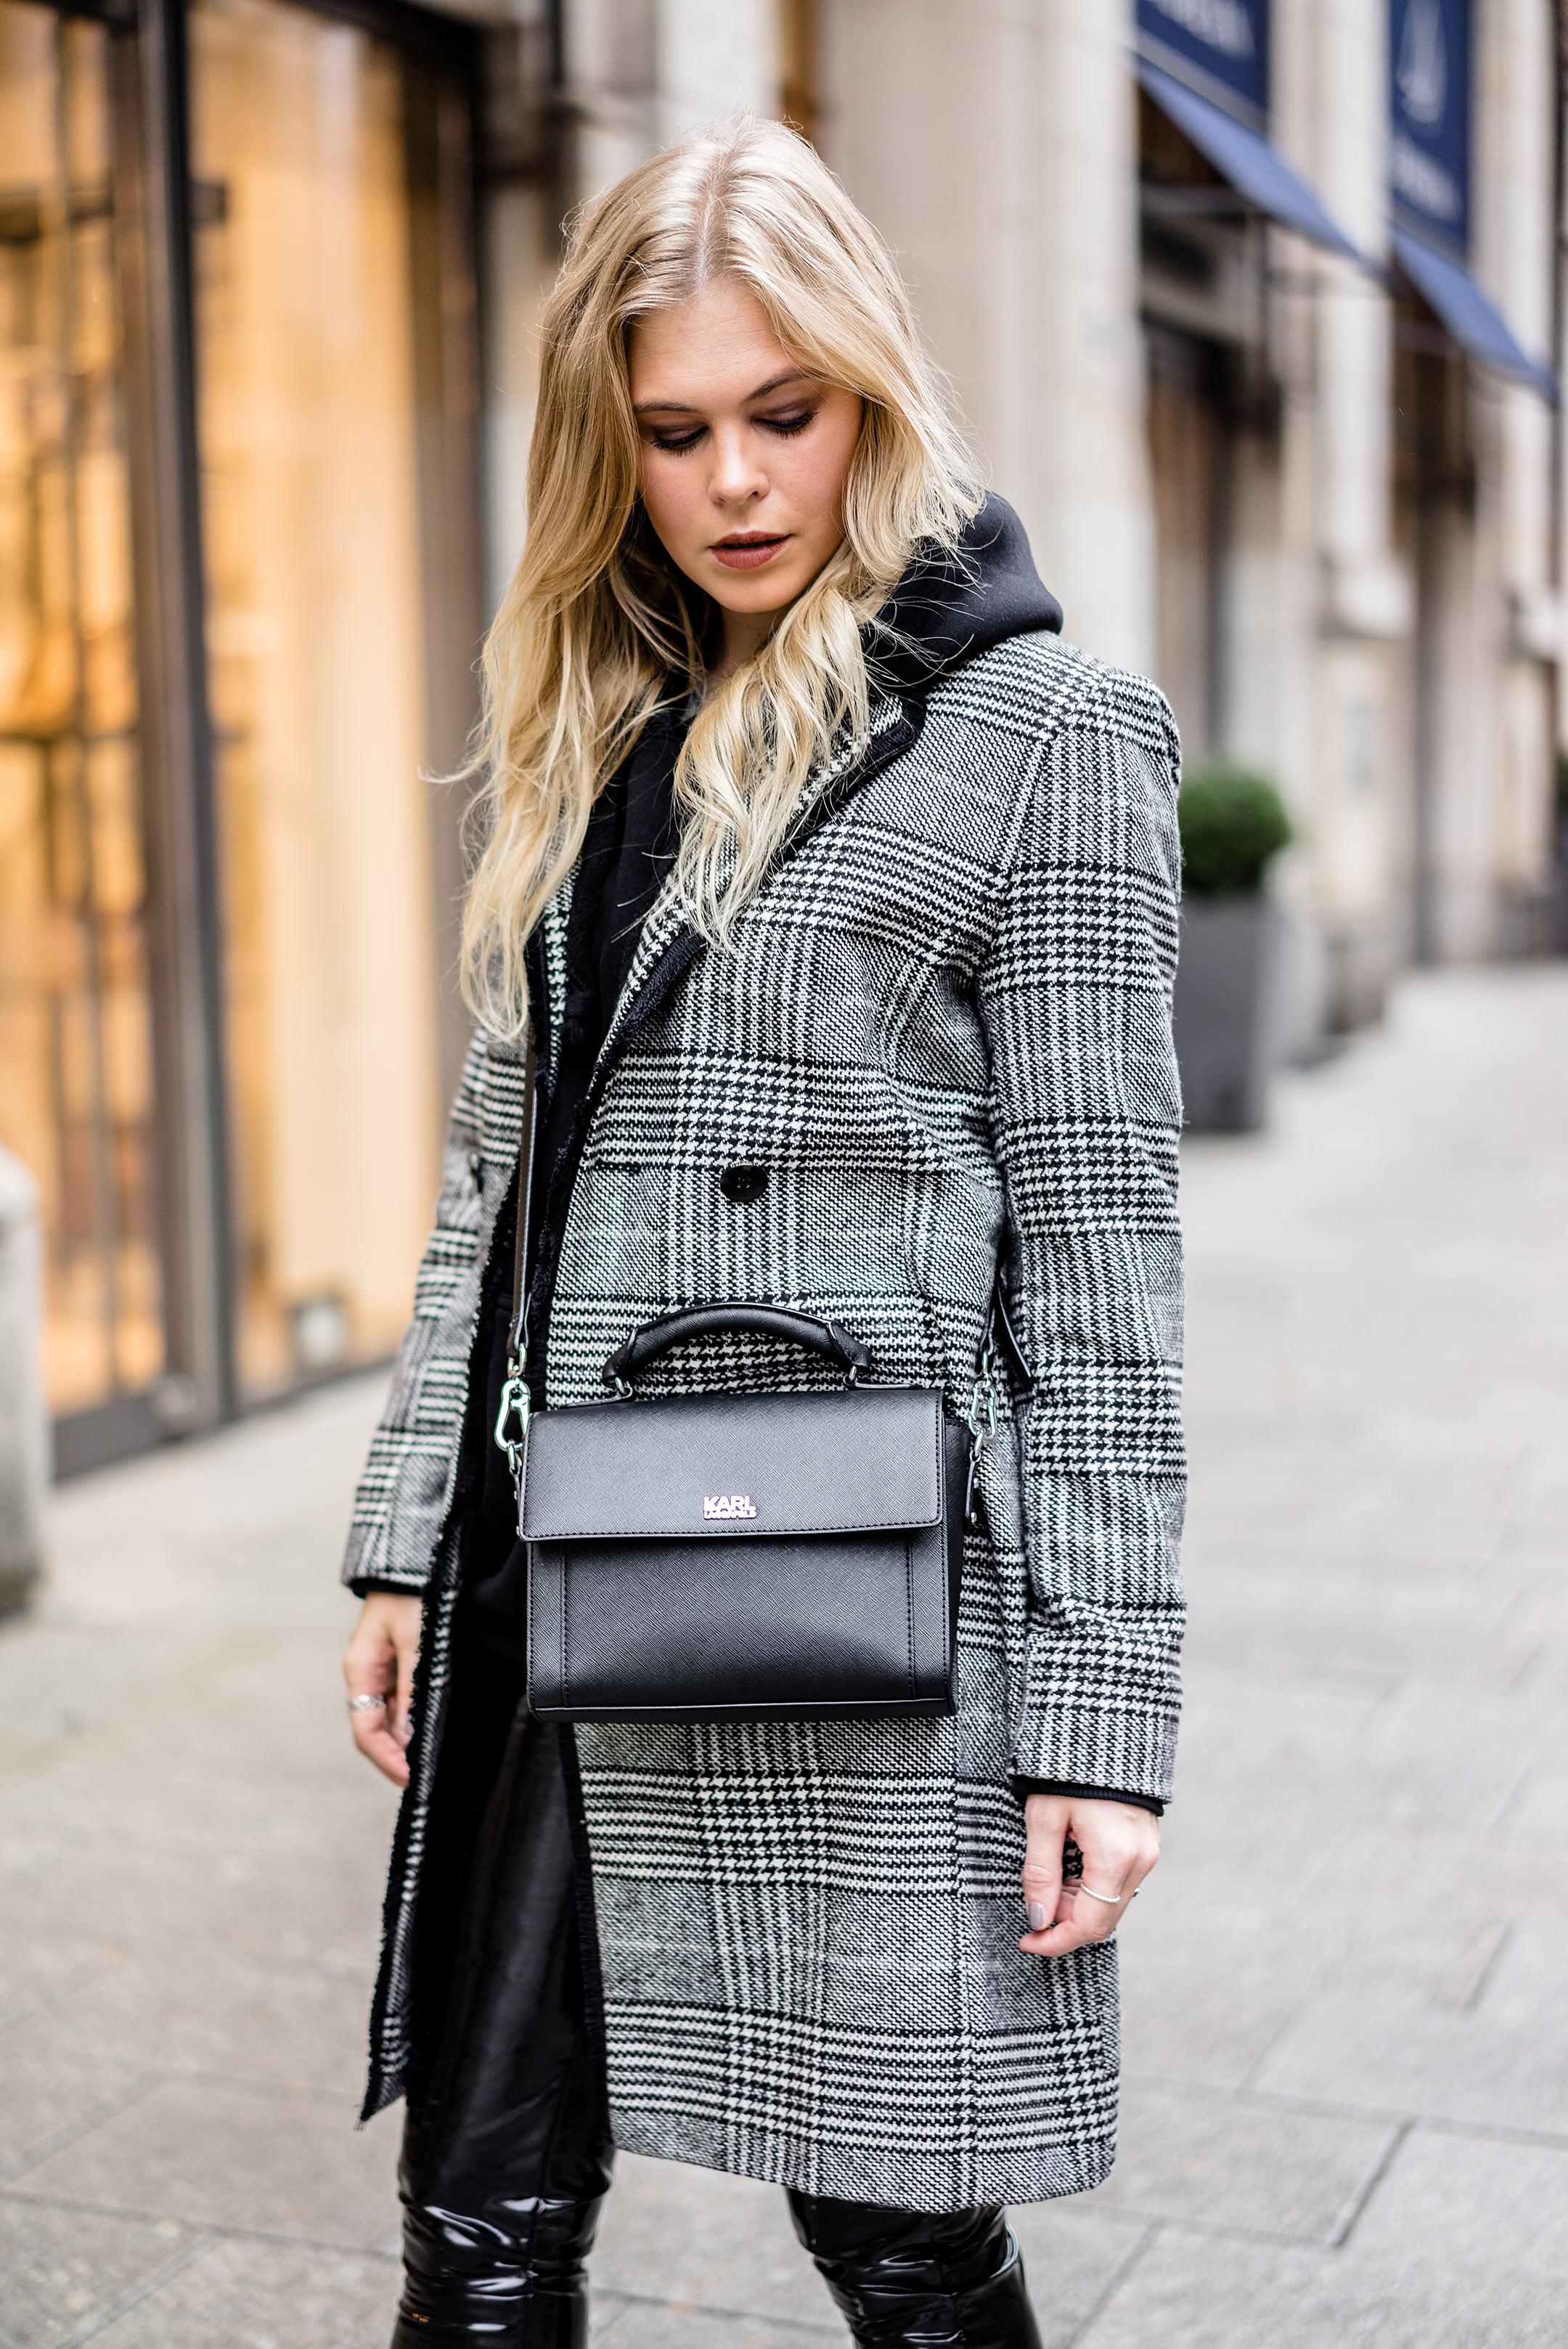 Karl Lagerfeld Tasche schwarz Karo Mantel Outfit Streetstyle ootd Fashion Blogger Sunnyinga